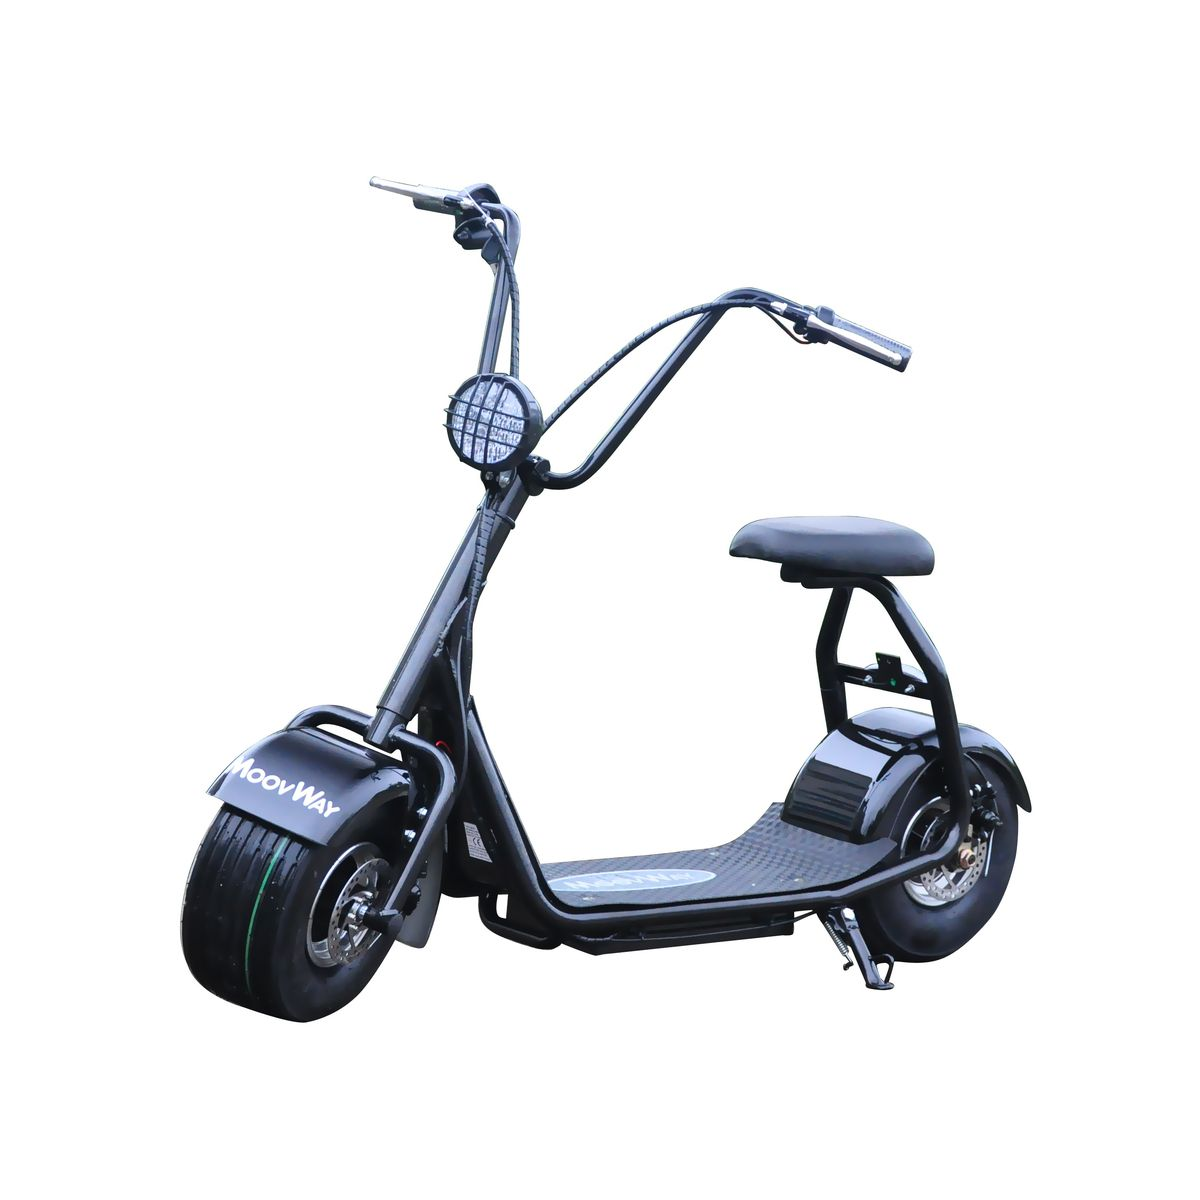 Scooter électrique avec selle Coco Junior Noir